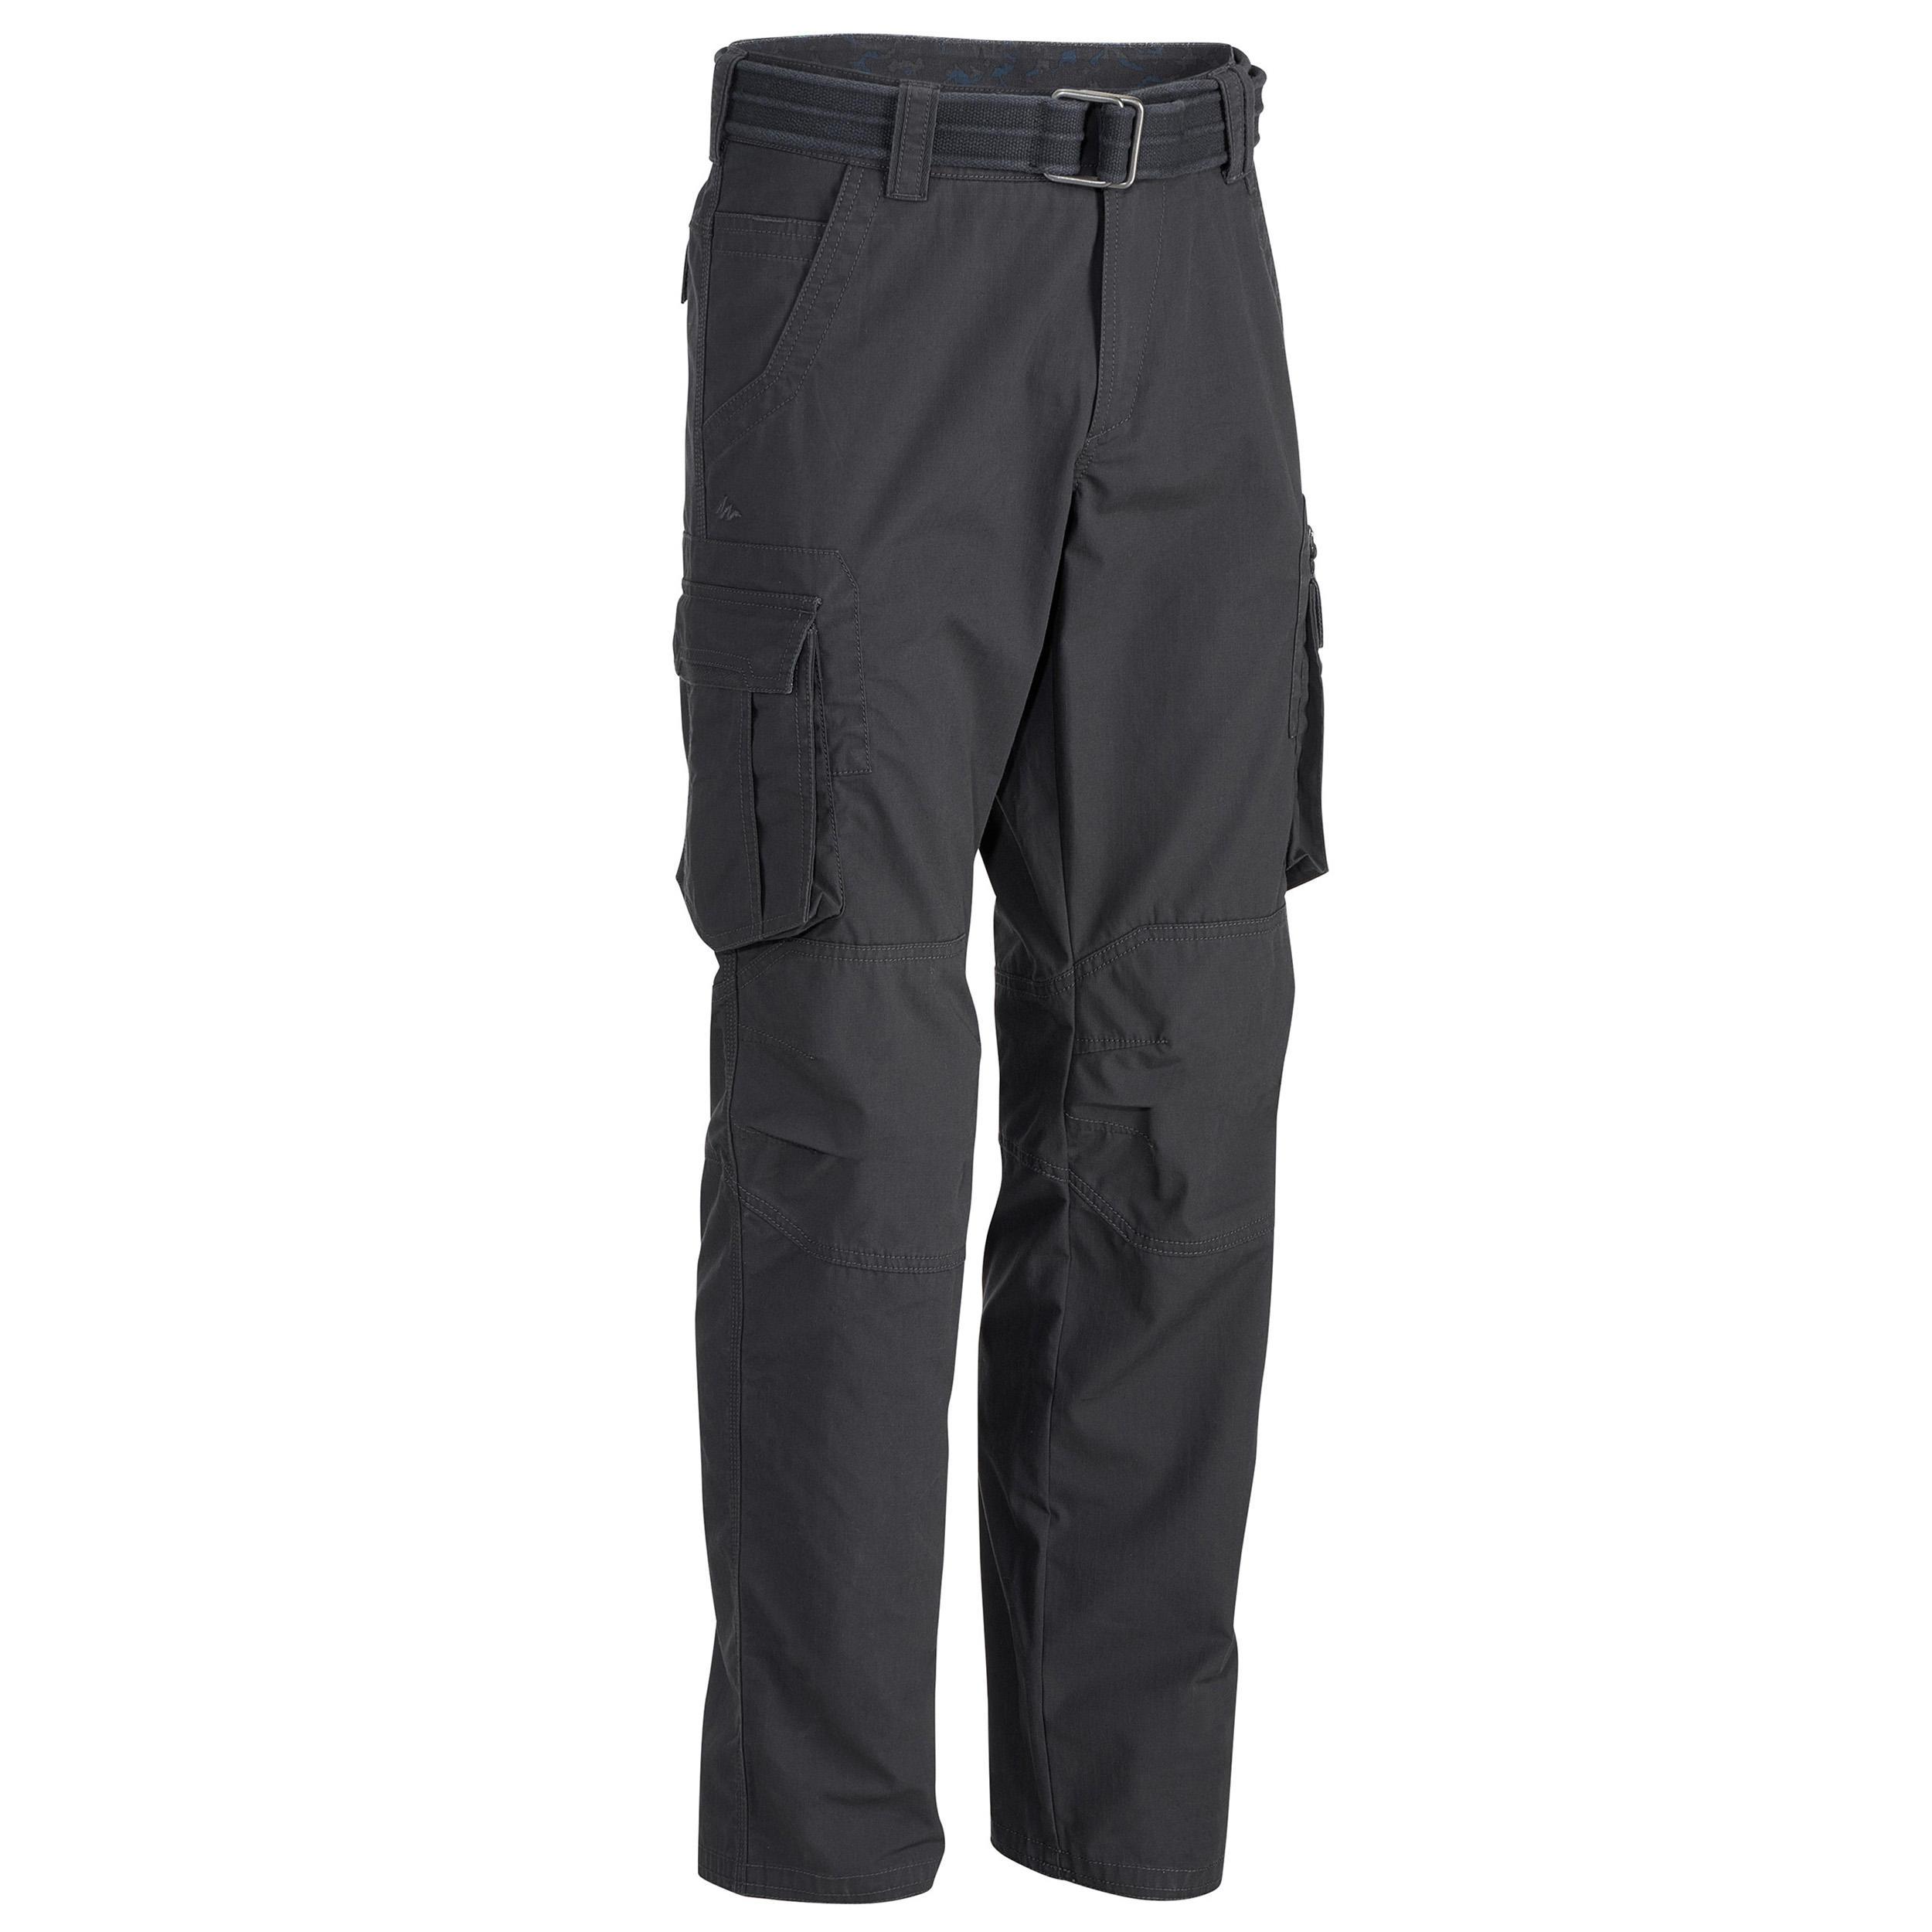 vente énorme code de promo très convoité gamme de Pantalon de Sport Homme, Jogging et pantalons de survêtement ...